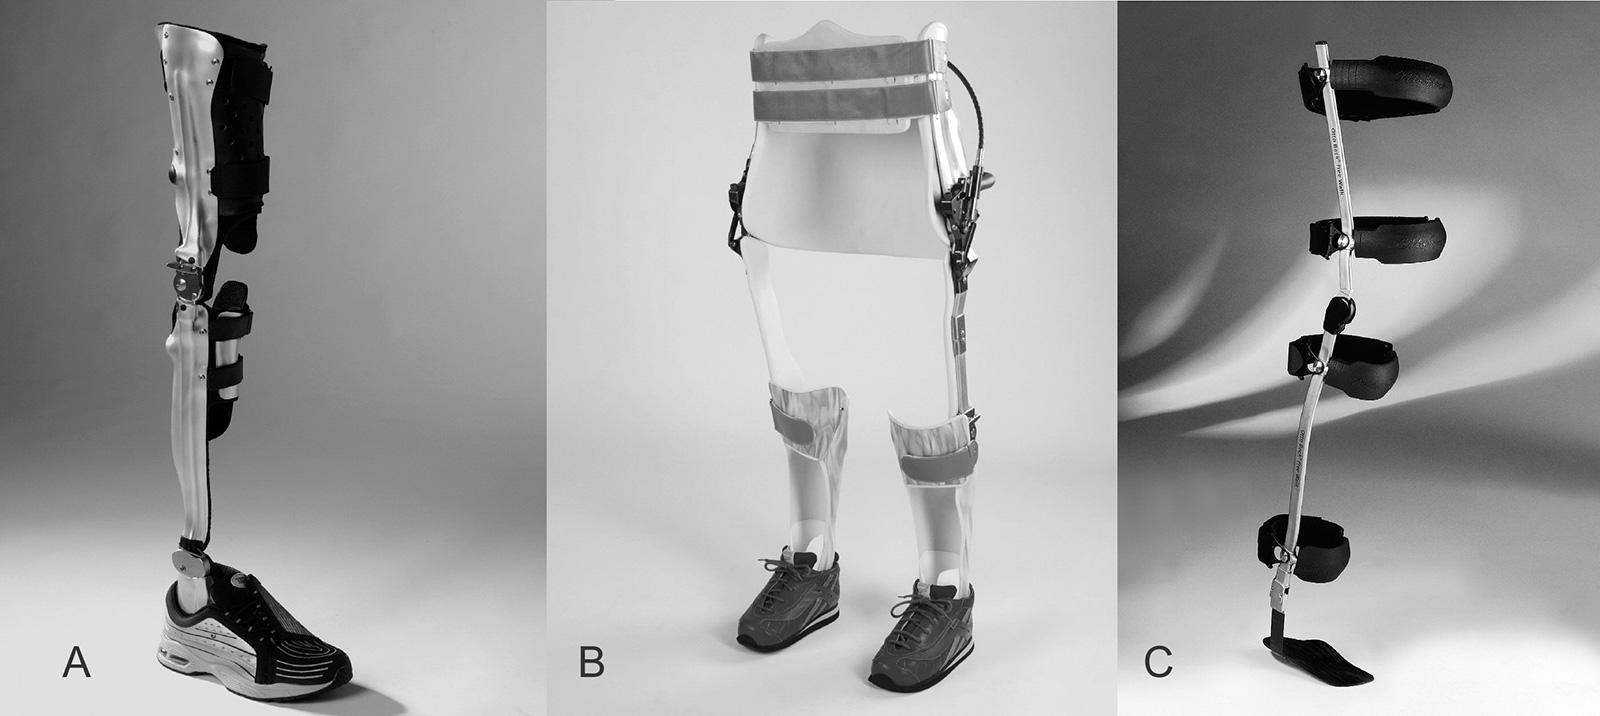 Abb. 10-6: Knie-Knöchel-Fuss Orthese (A), RGO Reziproke Gehorthese (B): weitgehend physiologische Beckenrotation beim Gehen durch eine biaxiale Gelenkkonstruktion. Free Walk-Orthese (C): Das spezielle Orthesensystem von Otto Bock sperrt das Kniegelenk in